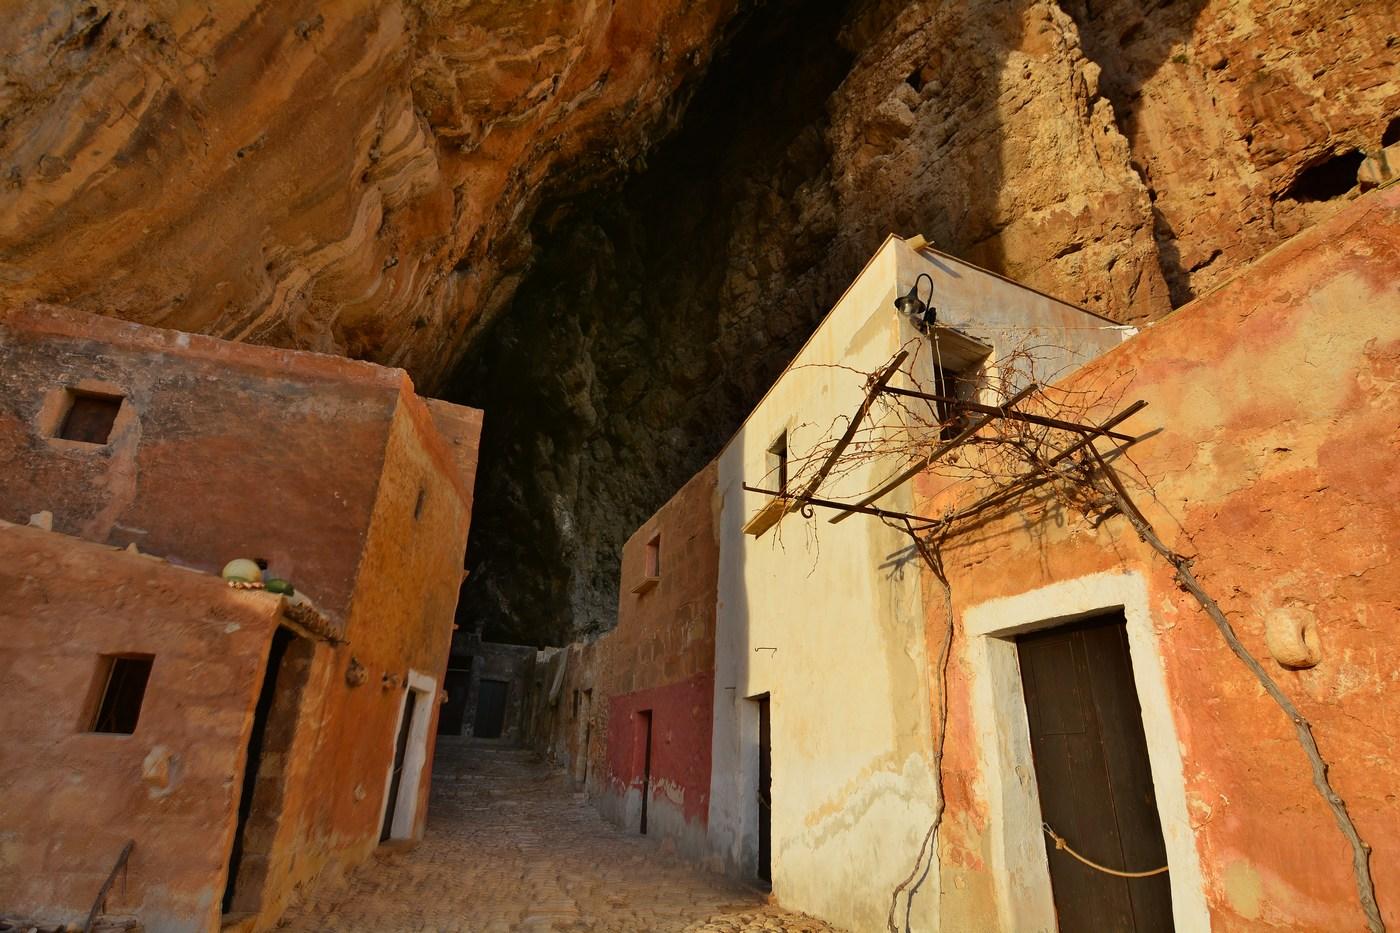 L'unique ruelle du village s'enfonce dans la large entaille. Le site est connu depuis des dizaines de milliers d'années.